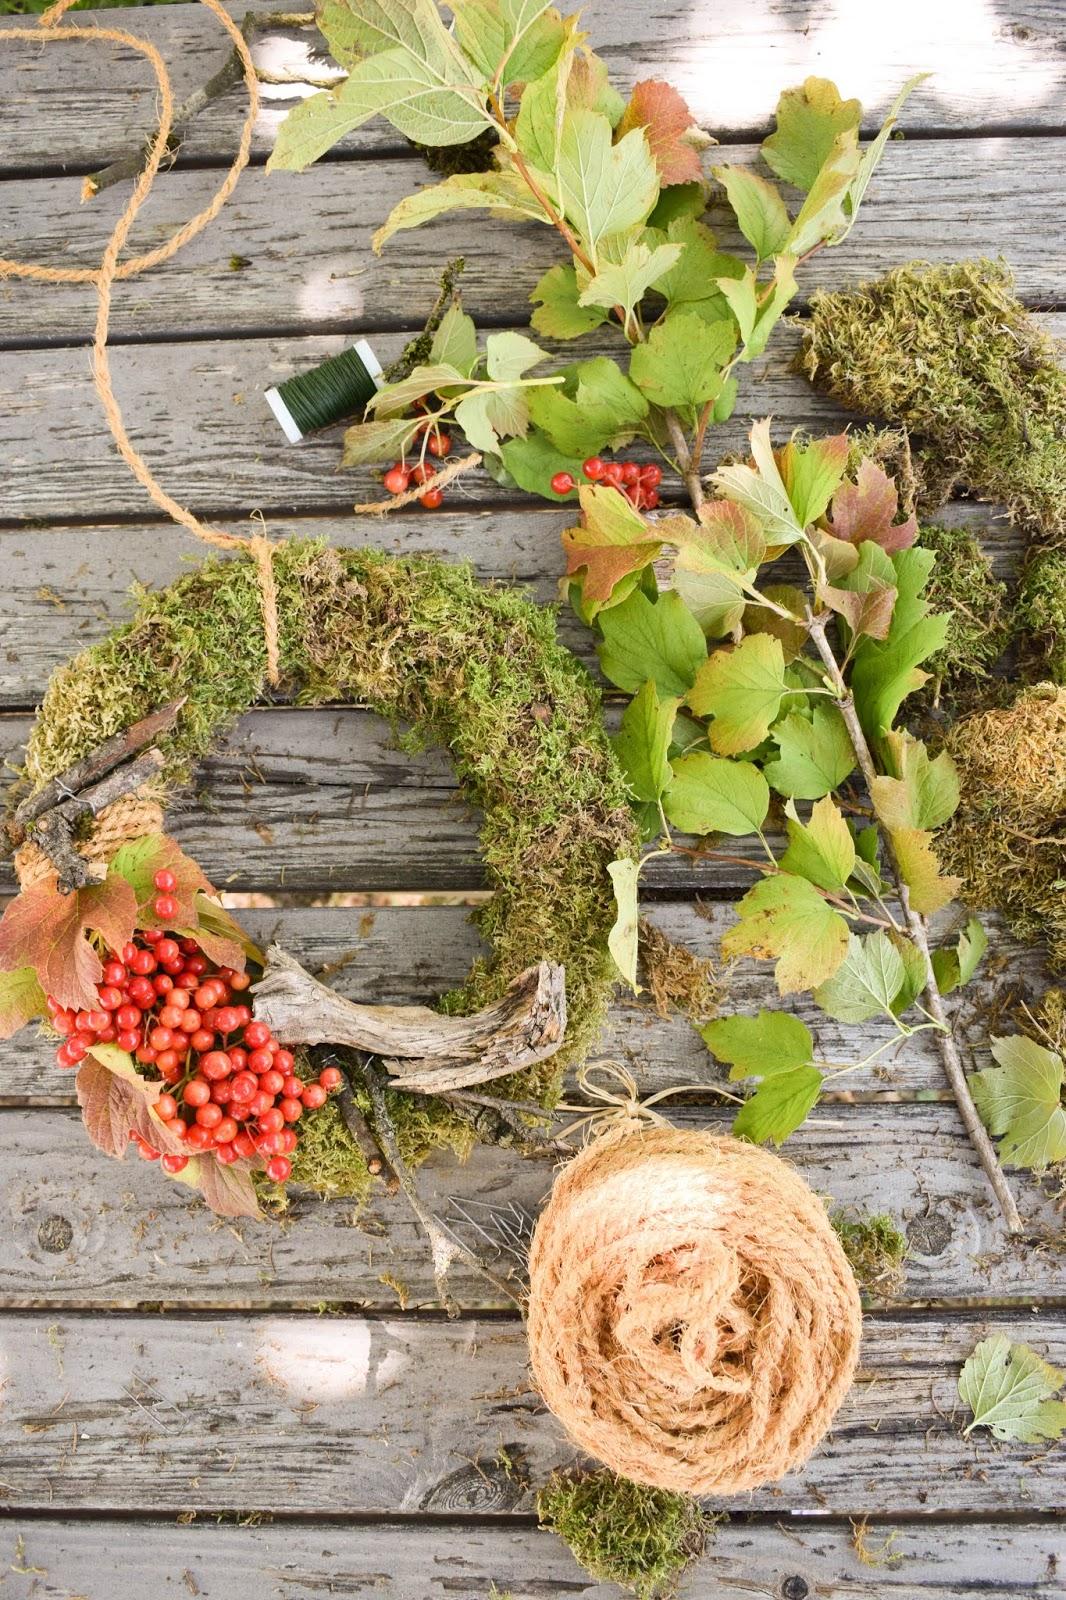 DIY Mooskranz einfach selber machen mit Moos Beeren Holz und Sisal. Naturdeko Anleitung zum Kranz binden. Dekorieren mit Natur. sisal herbstdeko